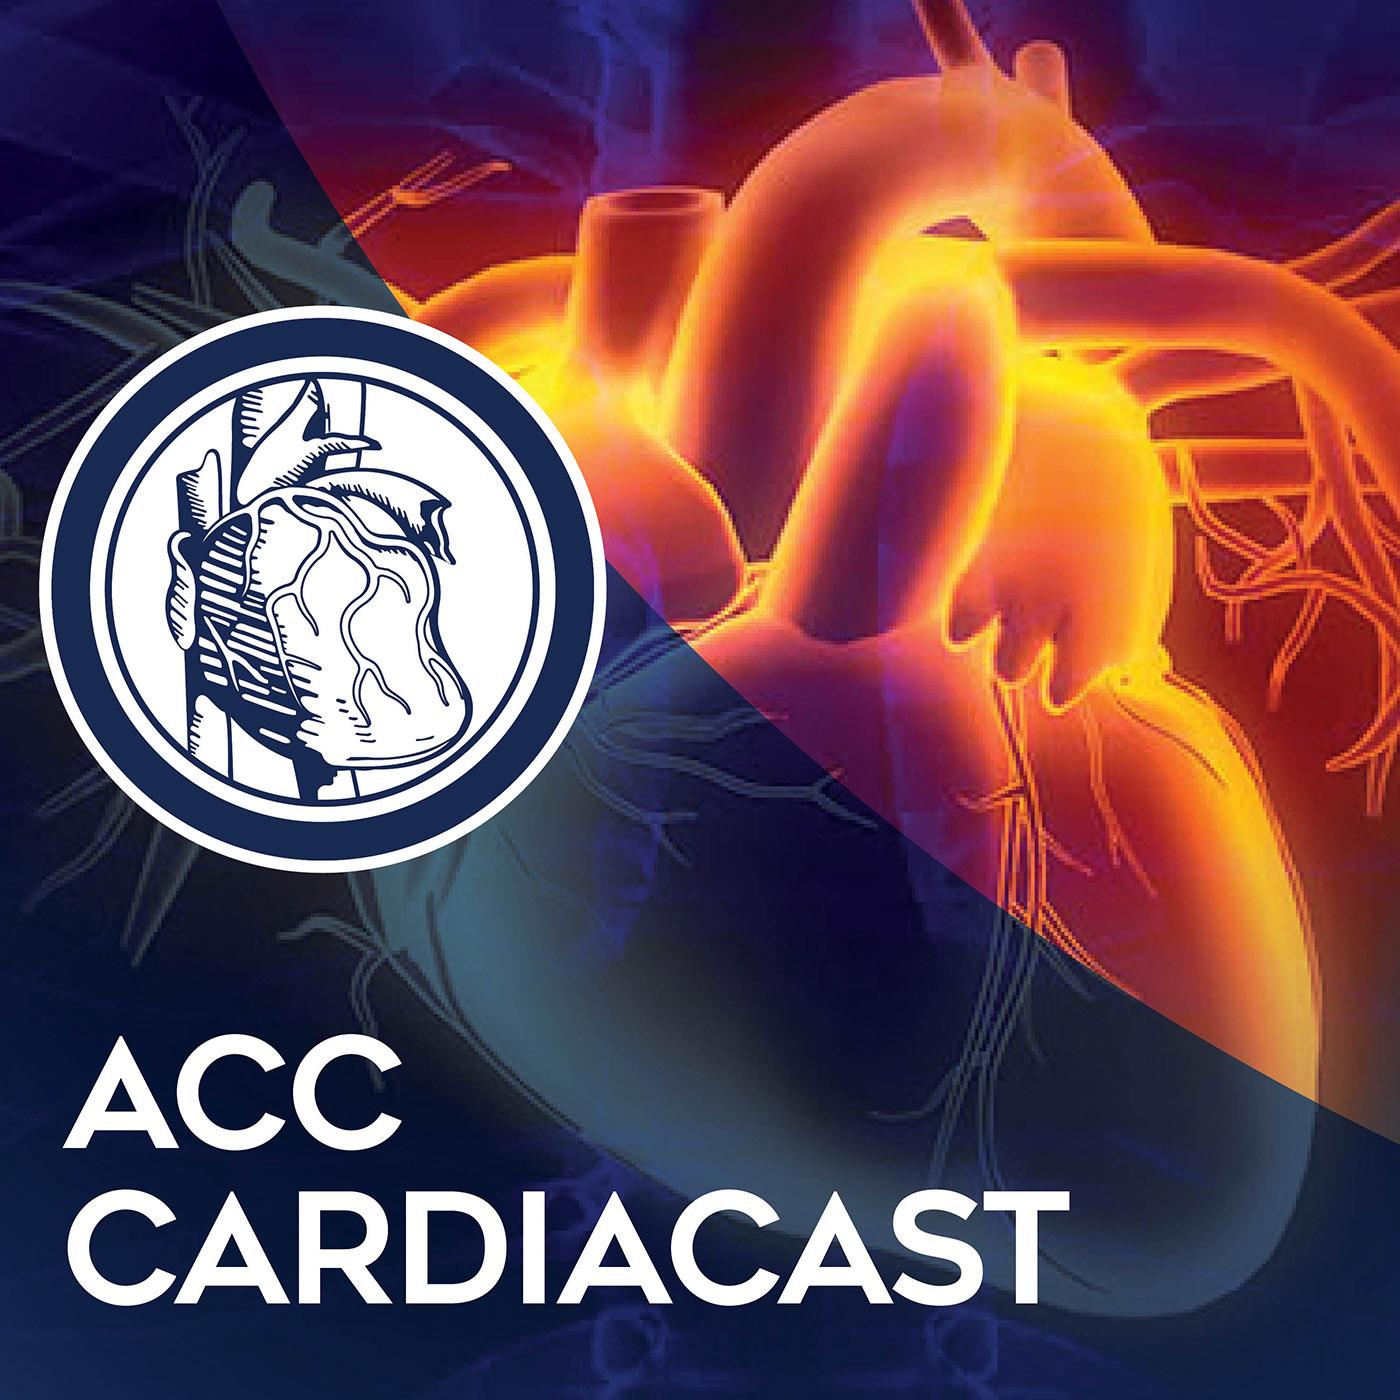 CardiaCast